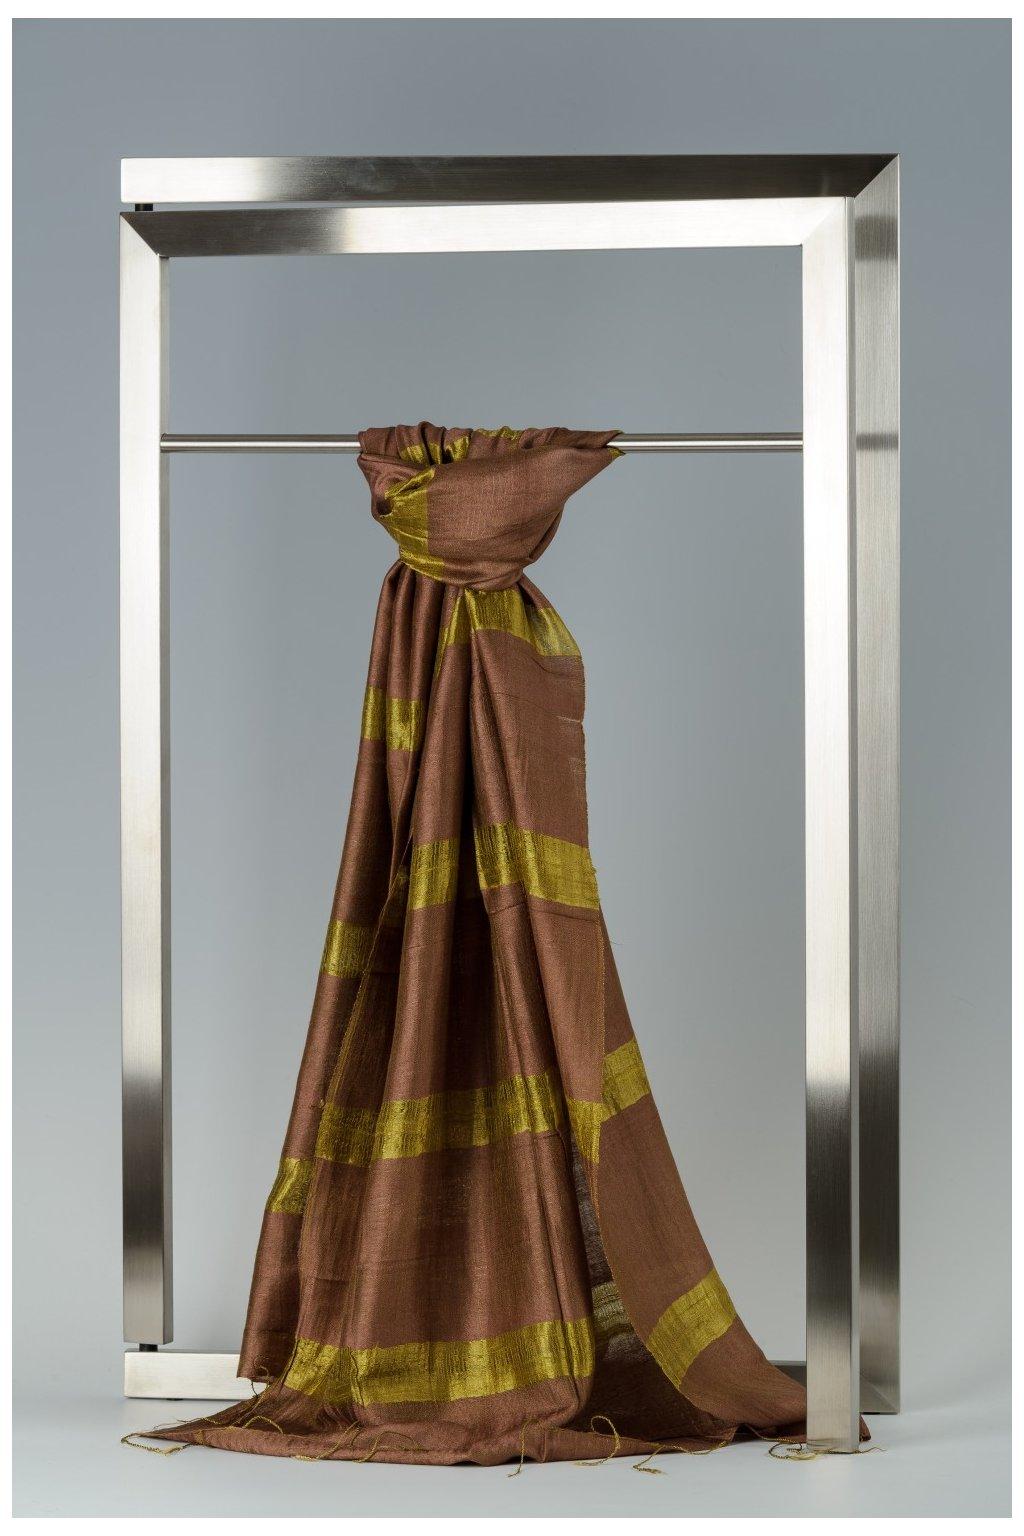 Šála z hedvábí a bavlny s proužky - HBR020